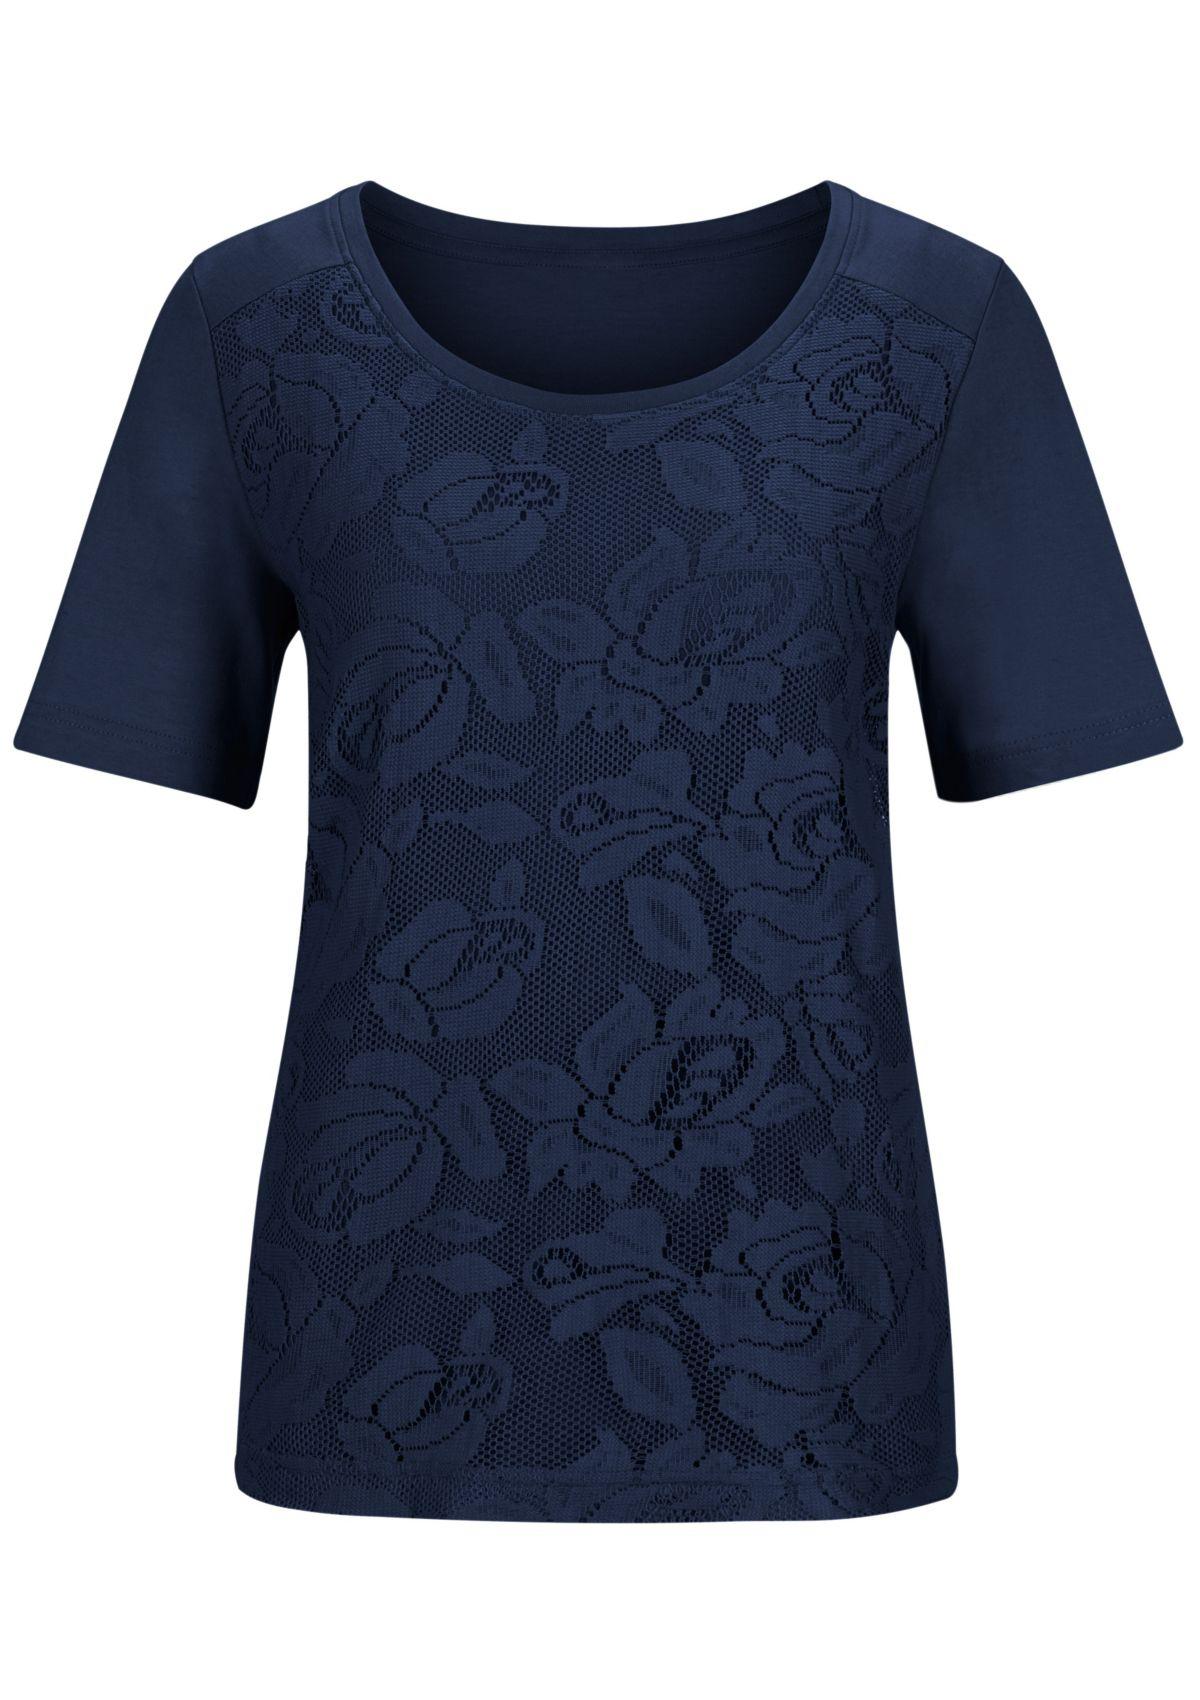 Classic Basics Shirt doppellagig gearbeitet